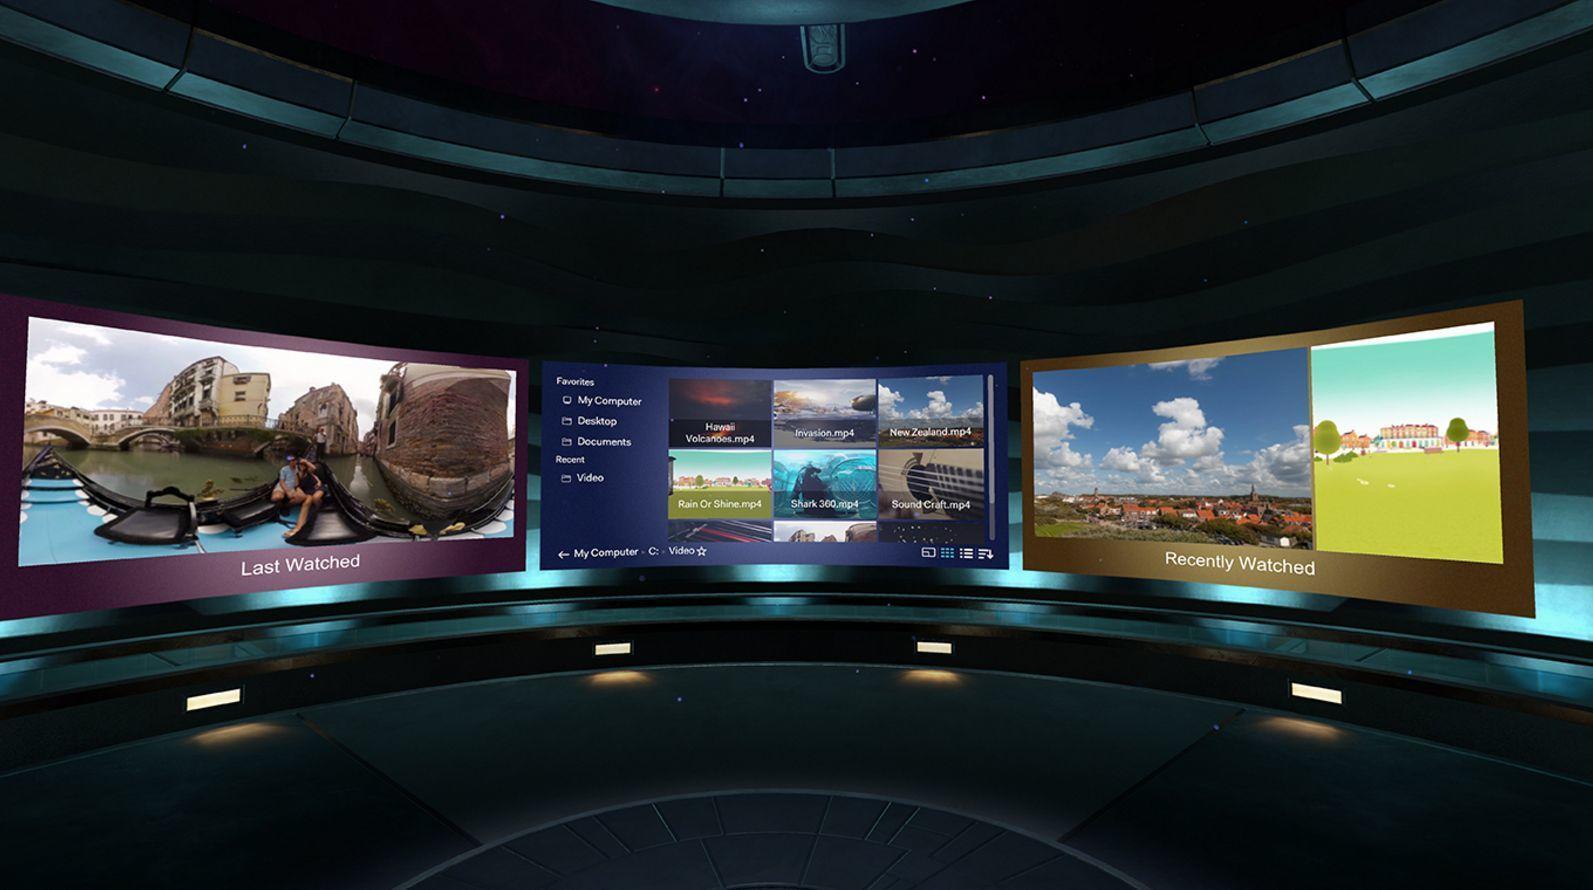 Glem projektor eller gigantisk TV i stua – HTC vil gi deg kinofølelse med en ny VR-app